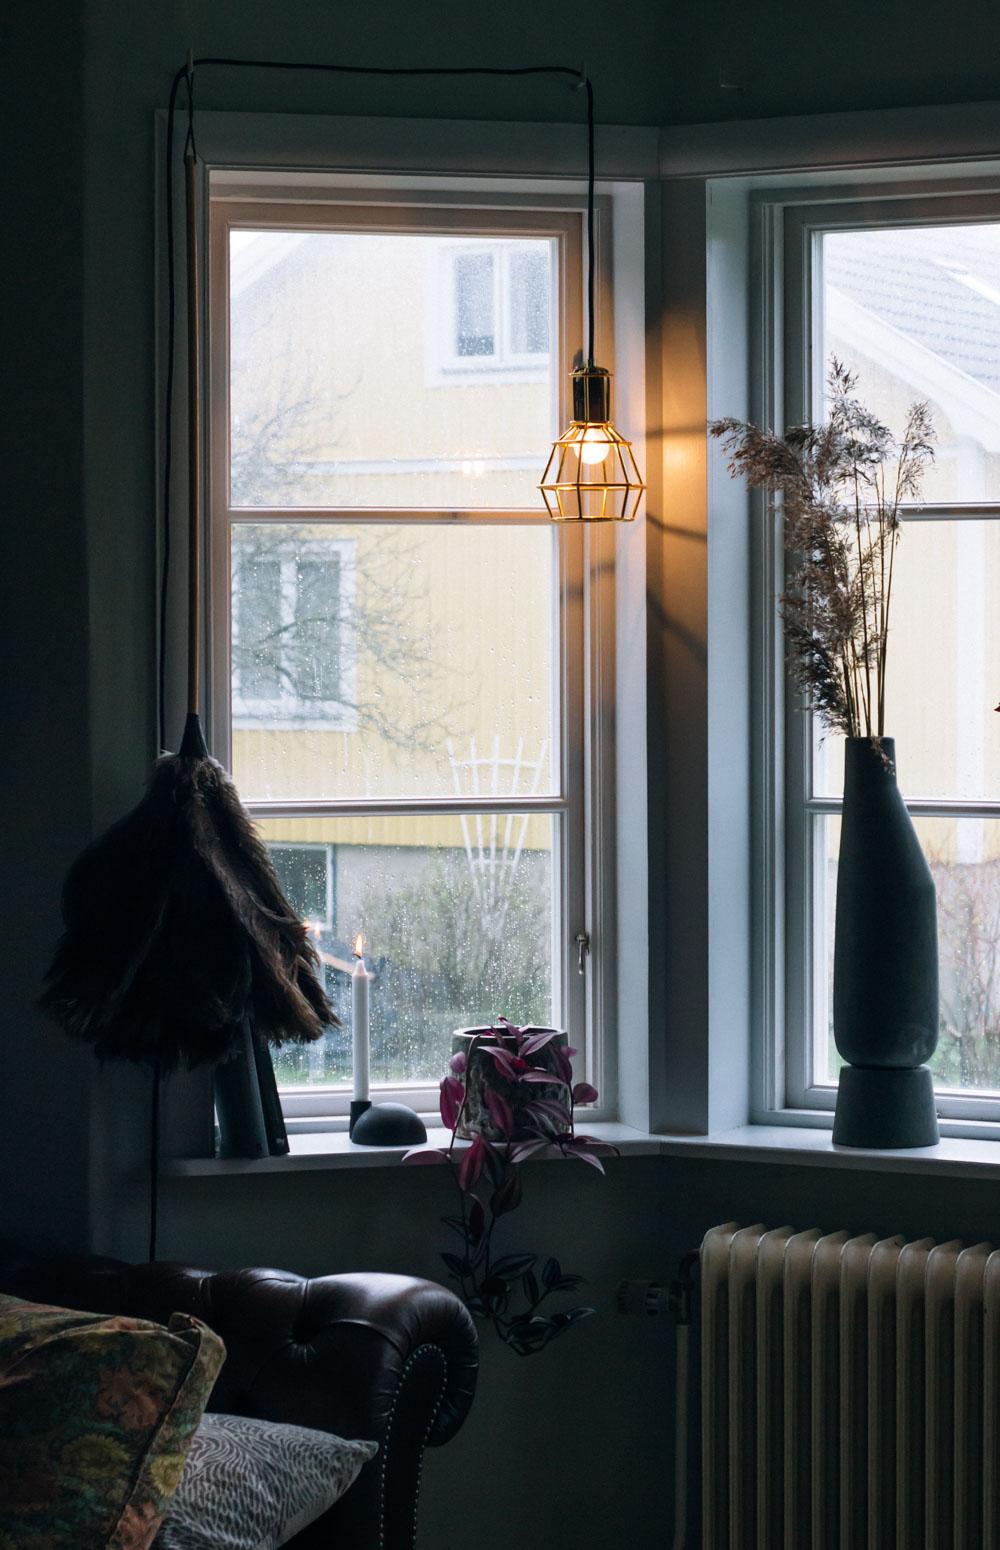 belysning som sätter stämningen fönsterlampa midbec tapeter